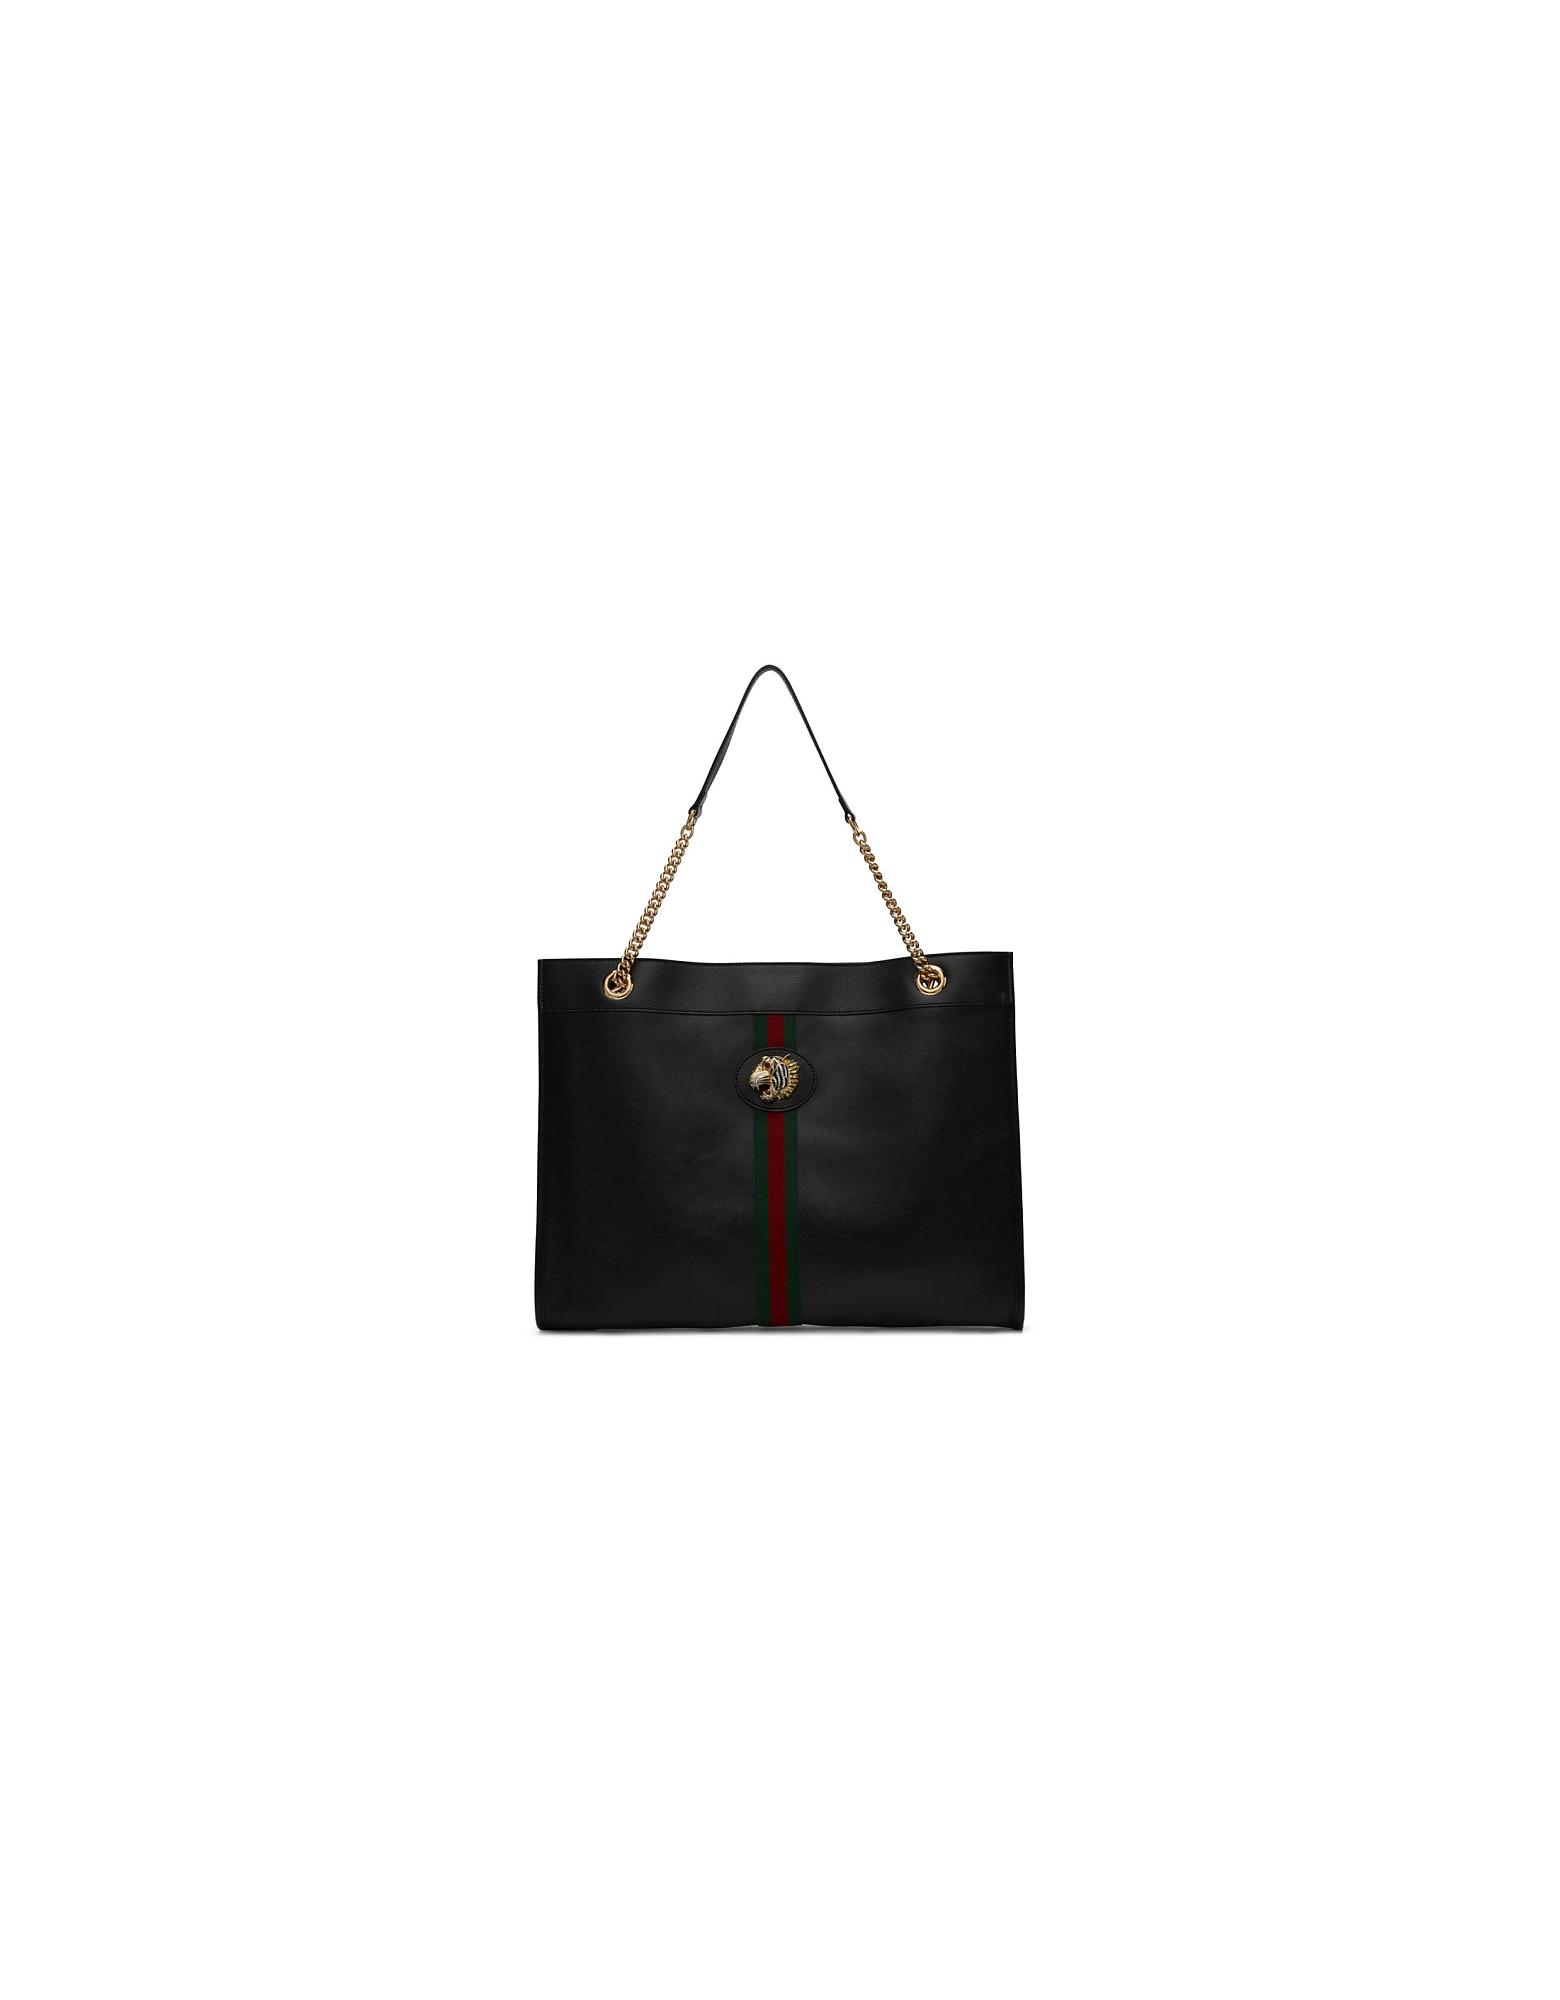 Gucci Designer Handbags, Black Rajah Tote